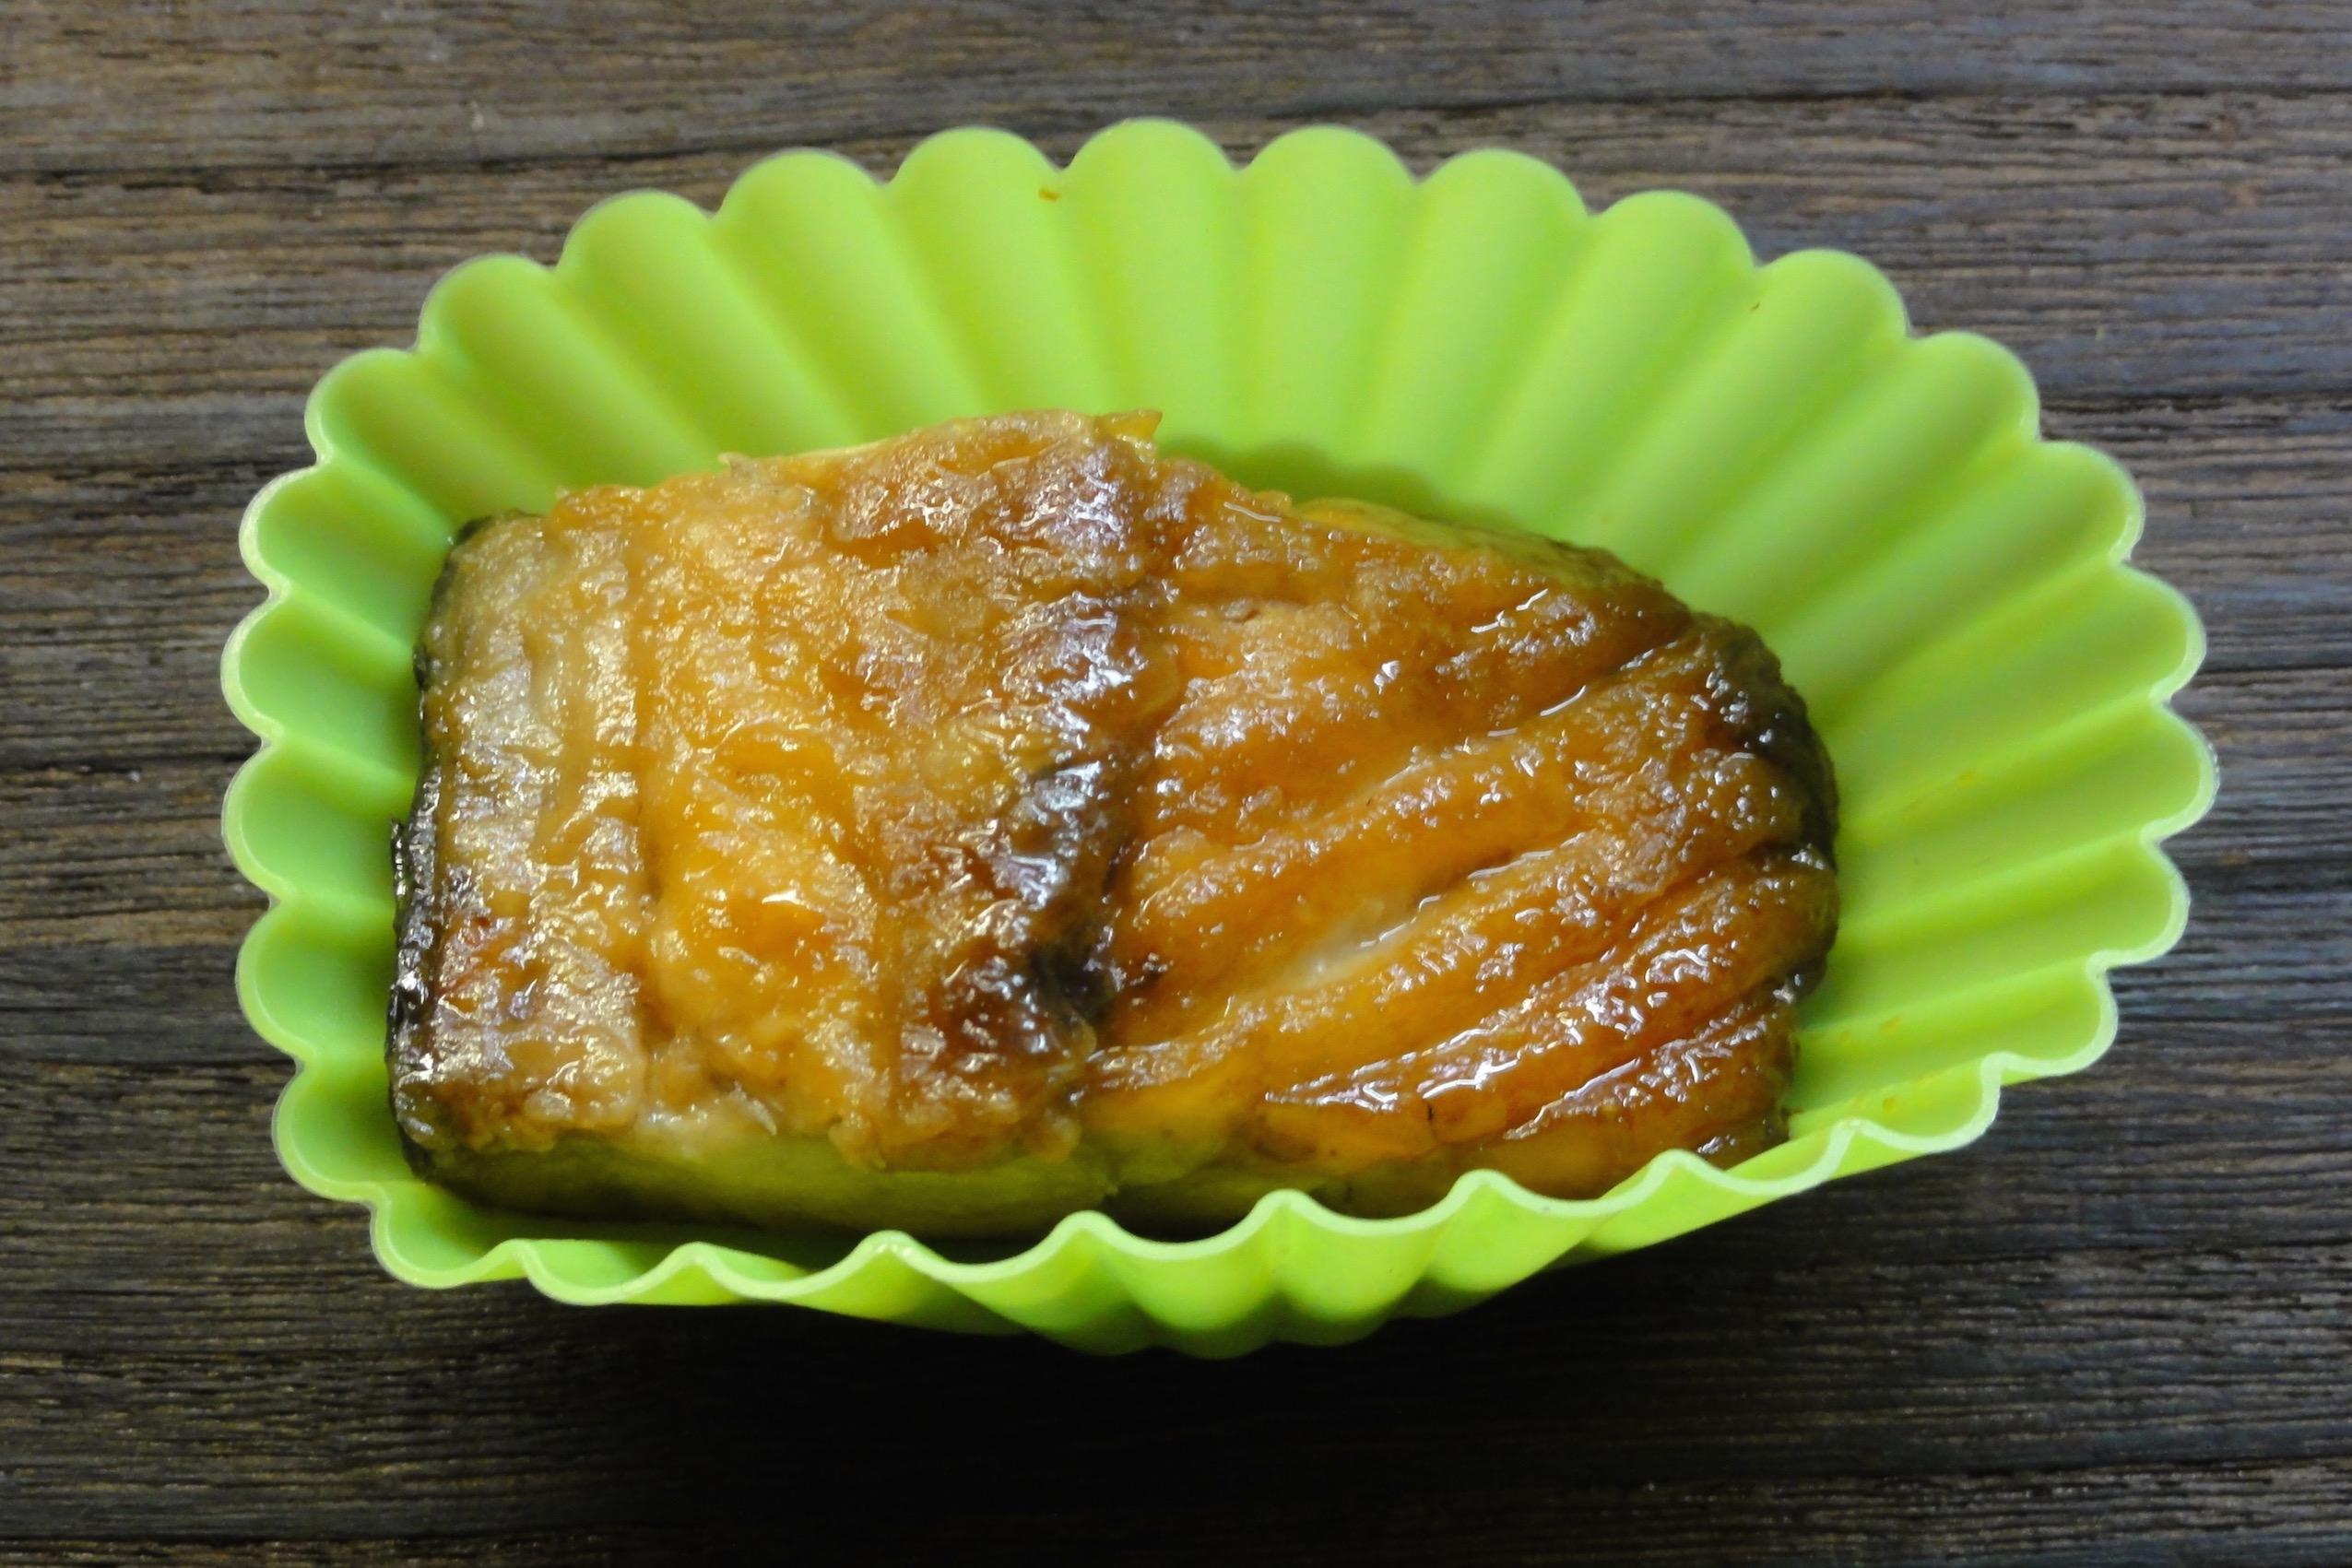 米粉使用鯖の照り焼きの完成